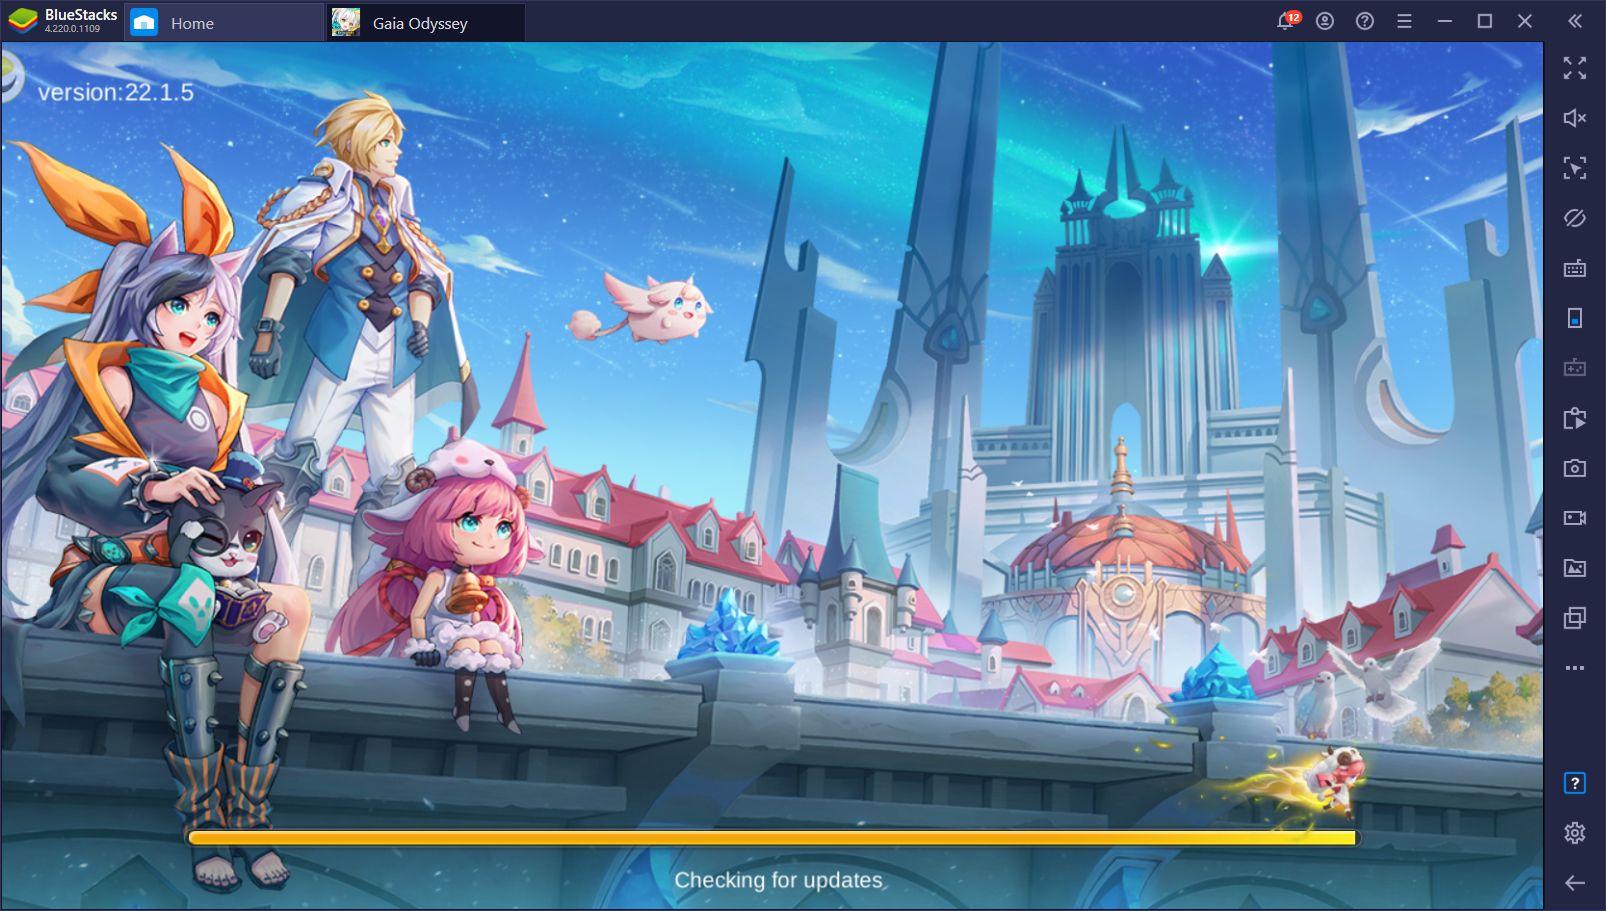 Gaia Odyssey auf dem PC – Wie man das neueste MMORPG von EYOUGAME spielt